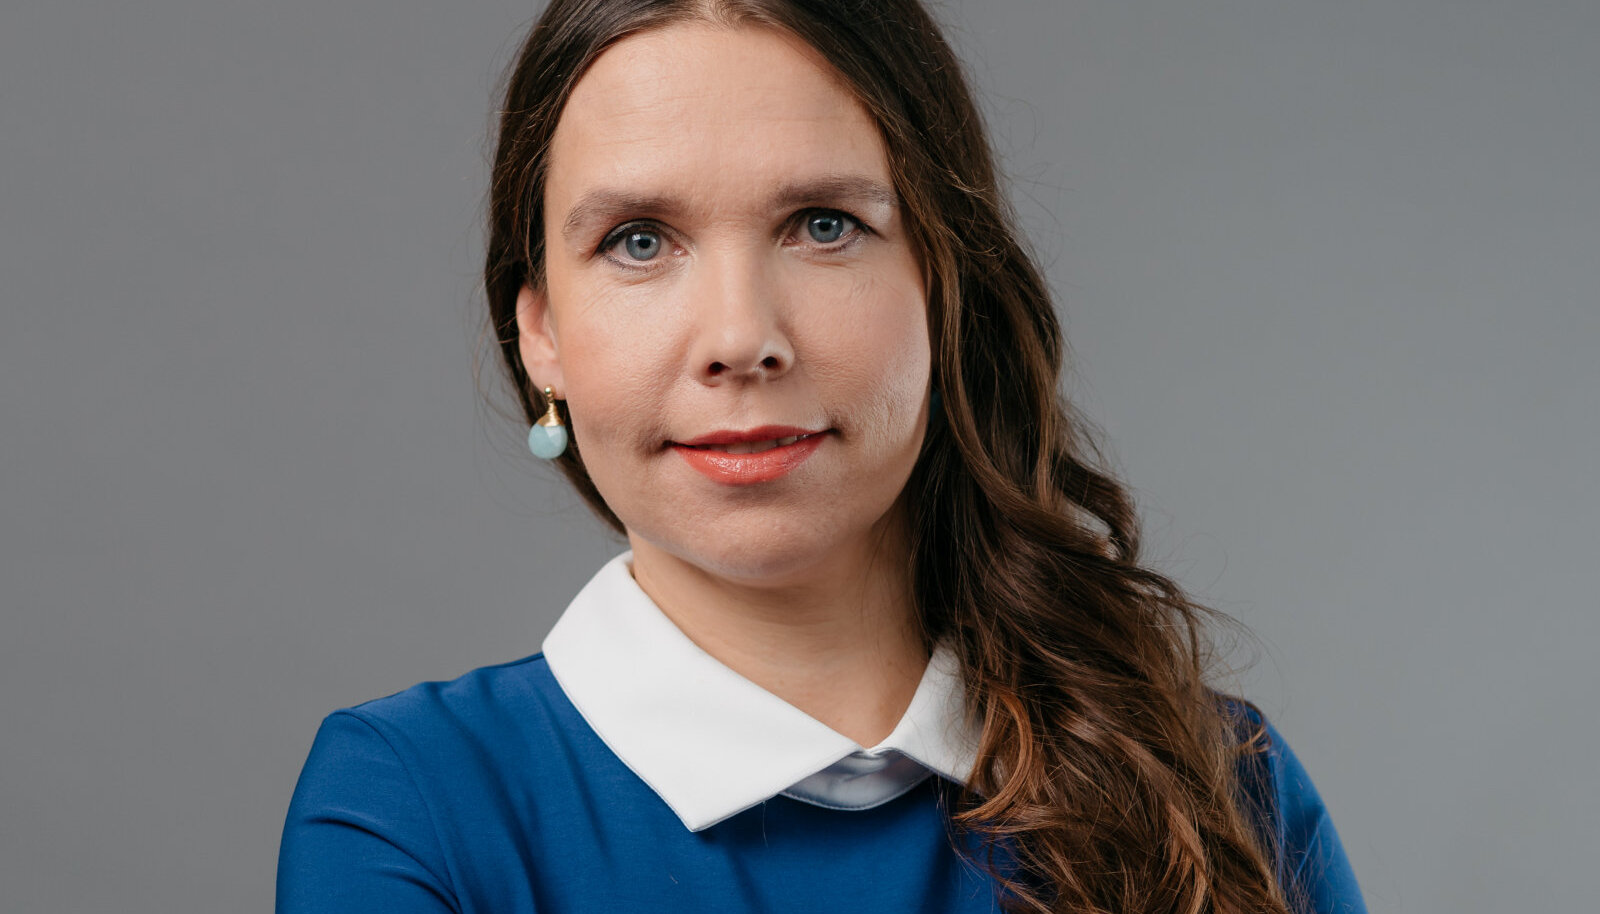 Ettevõtluse Arendamise Sihtasutuse juhatuse liige Sigrid Harjo